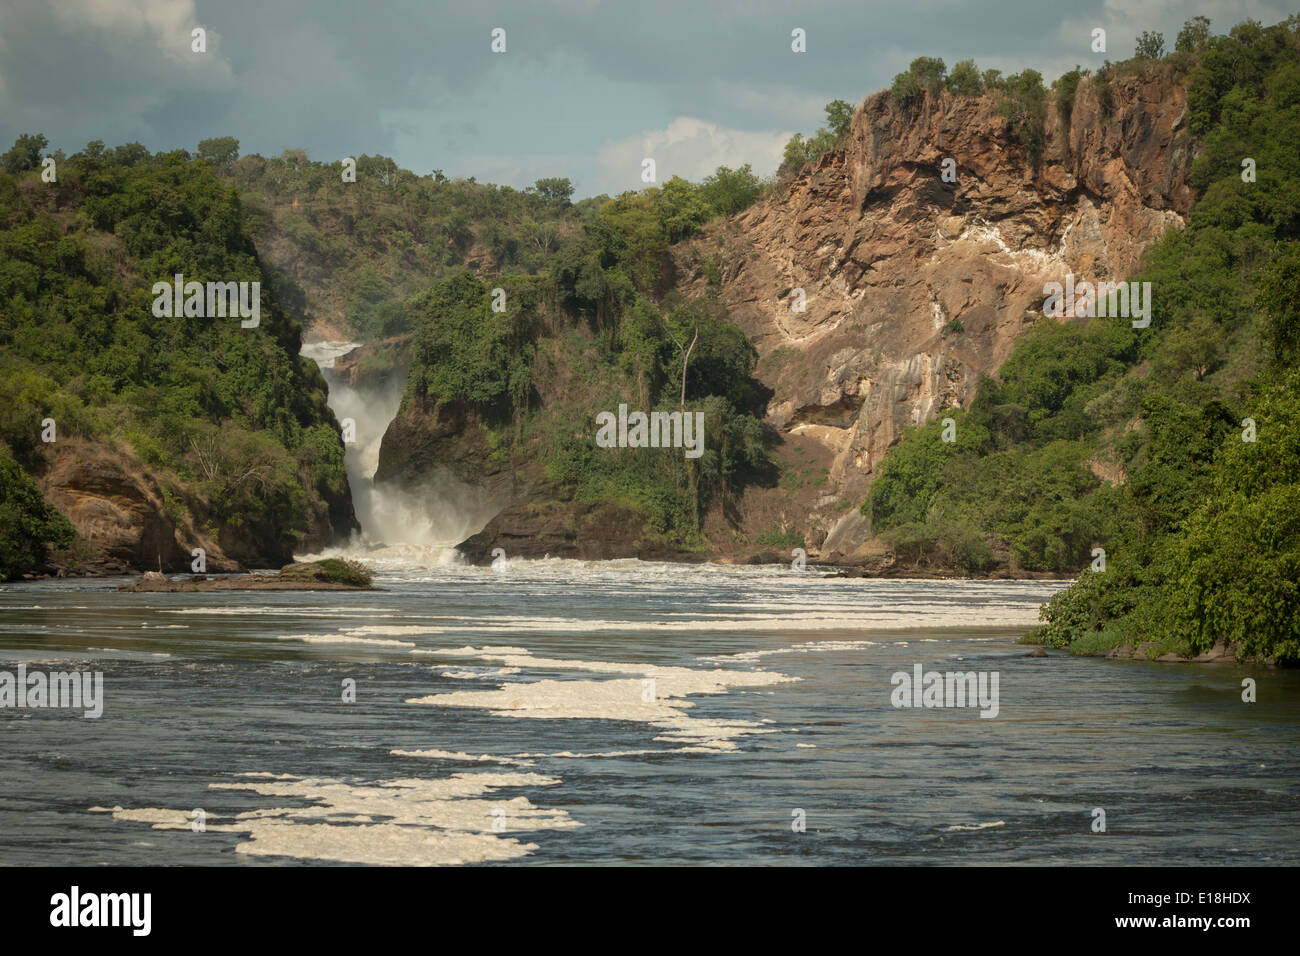 Murchison Falls sur le Nil, en Ouganda, en Afrique de l'Est. Banque D'Images